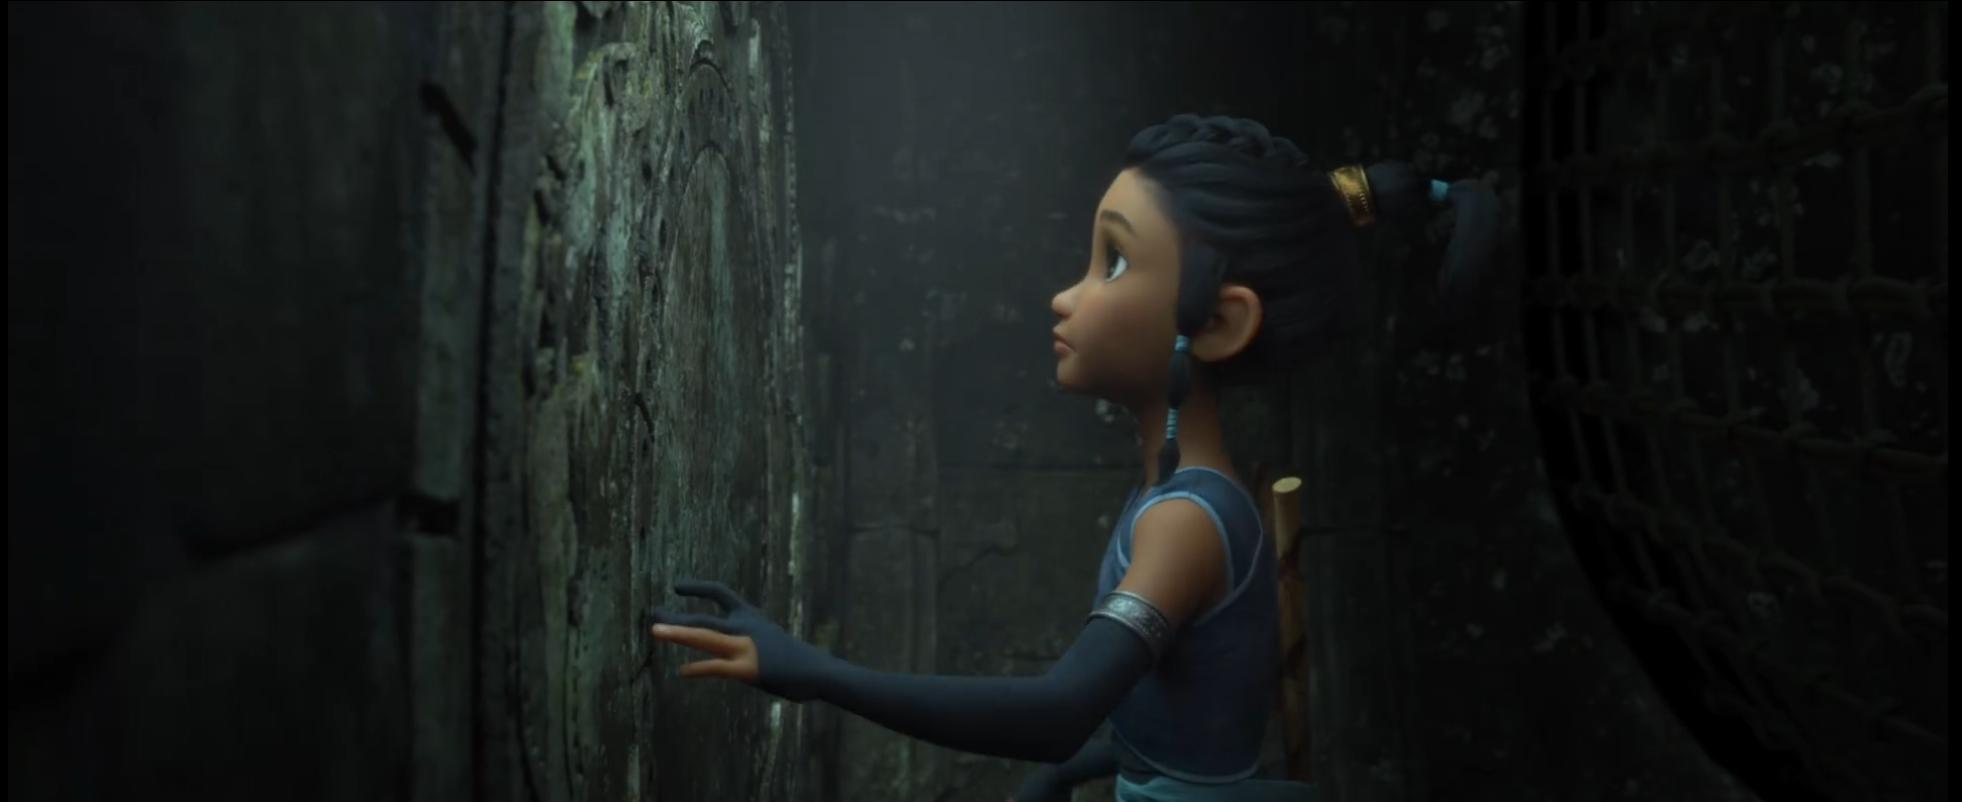 迪士尼动画寻龙传说将上映!奥斯卡金奖班底打造,赵丽颖倾情献声